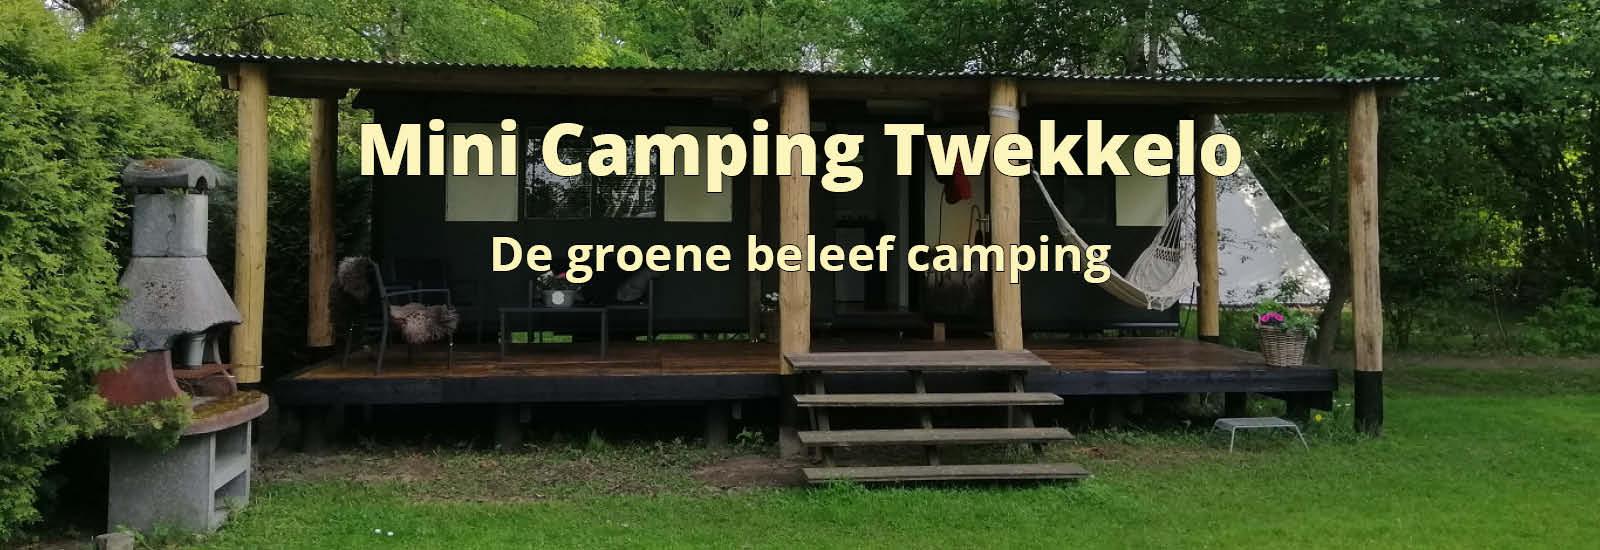 nu ook woonwagen verhuur op Mini Camping Twekkelo